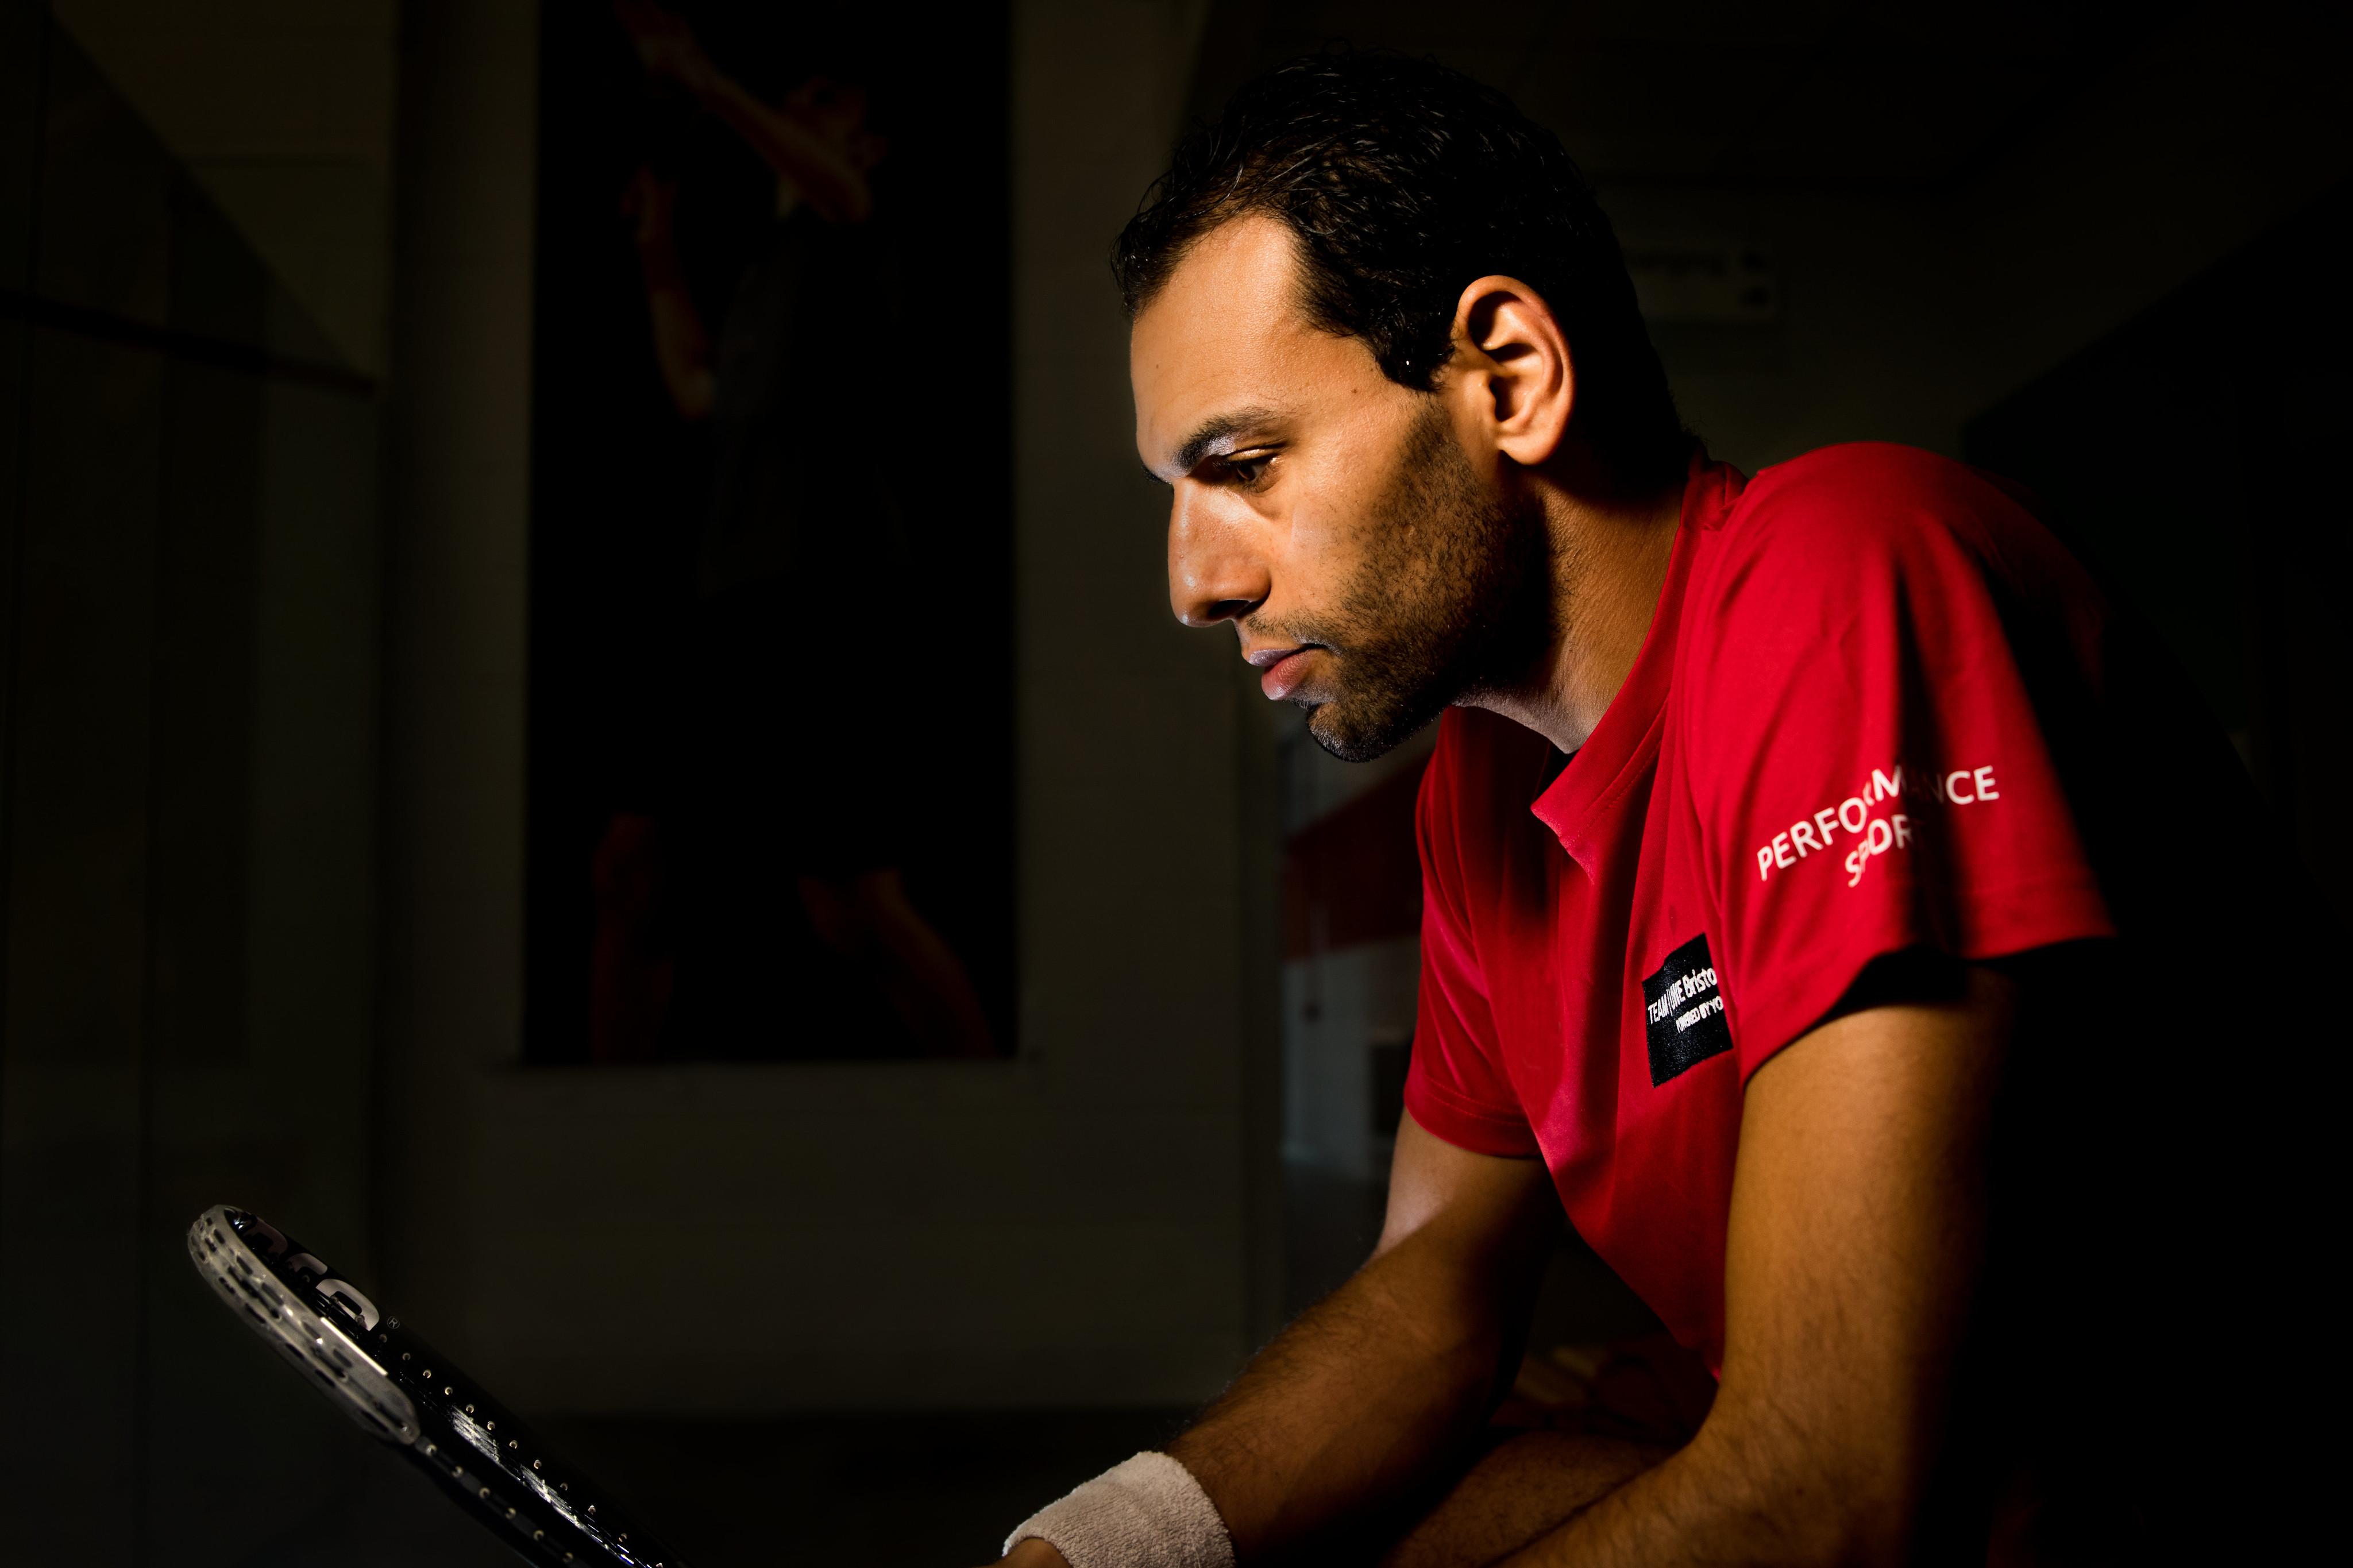 Mohammed El Shorbagy